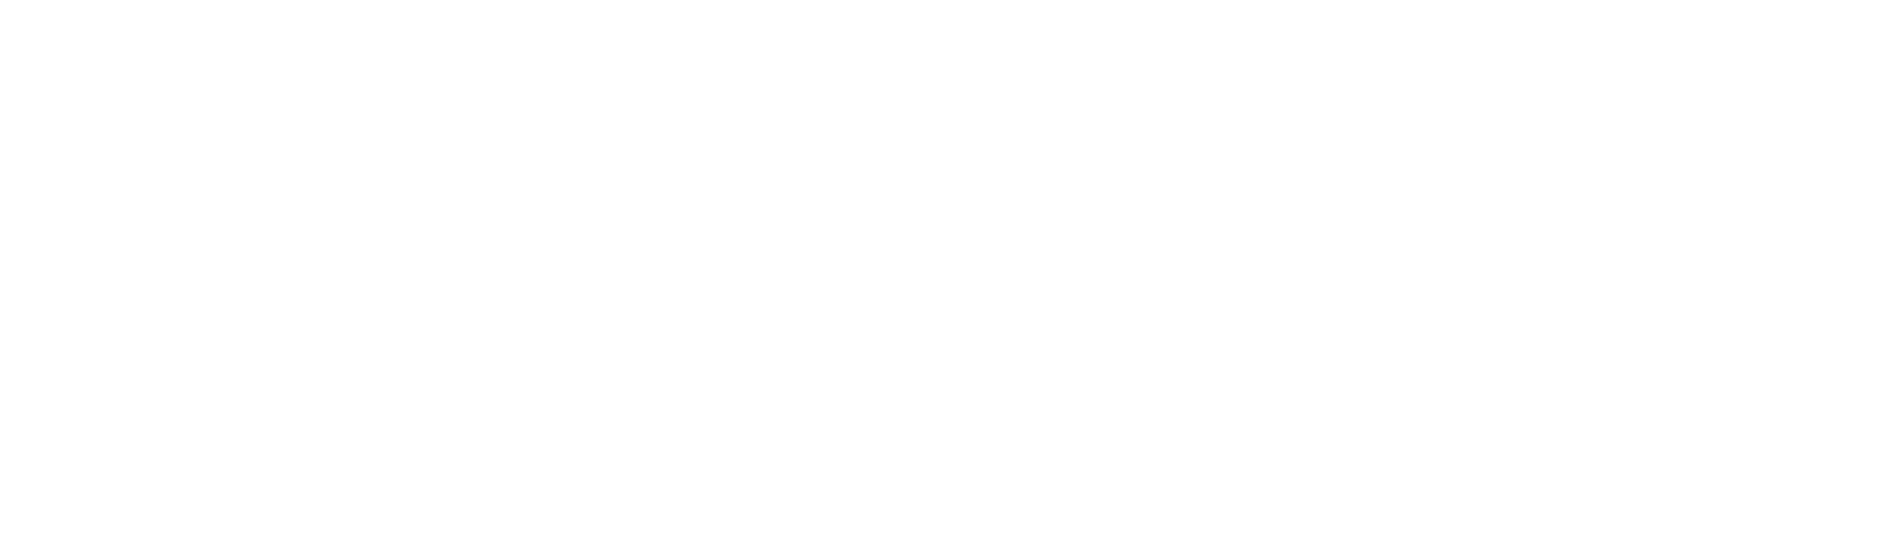 Atlassian Summit U.S. 2019